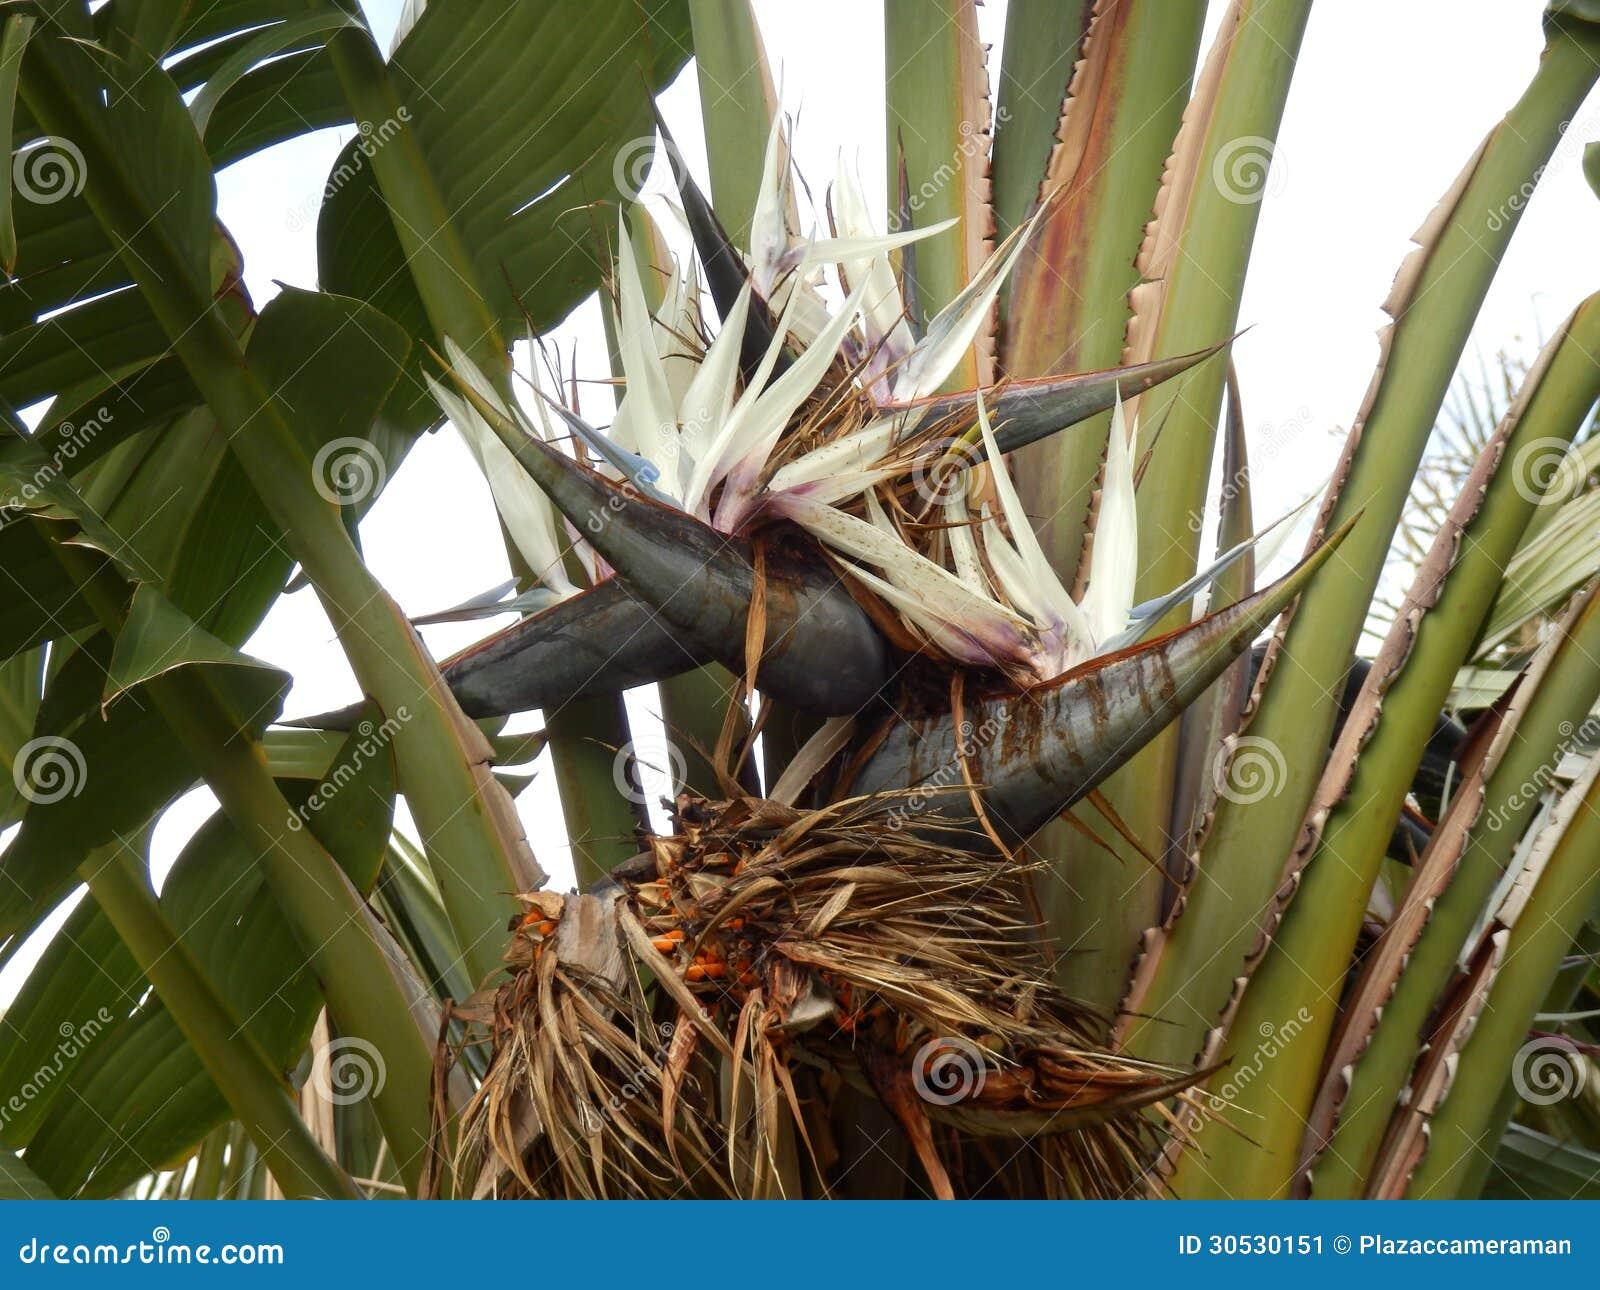 Giant bird of paradise plant stock image image of bird bloom giant bird of paradise plant mightylinksfo